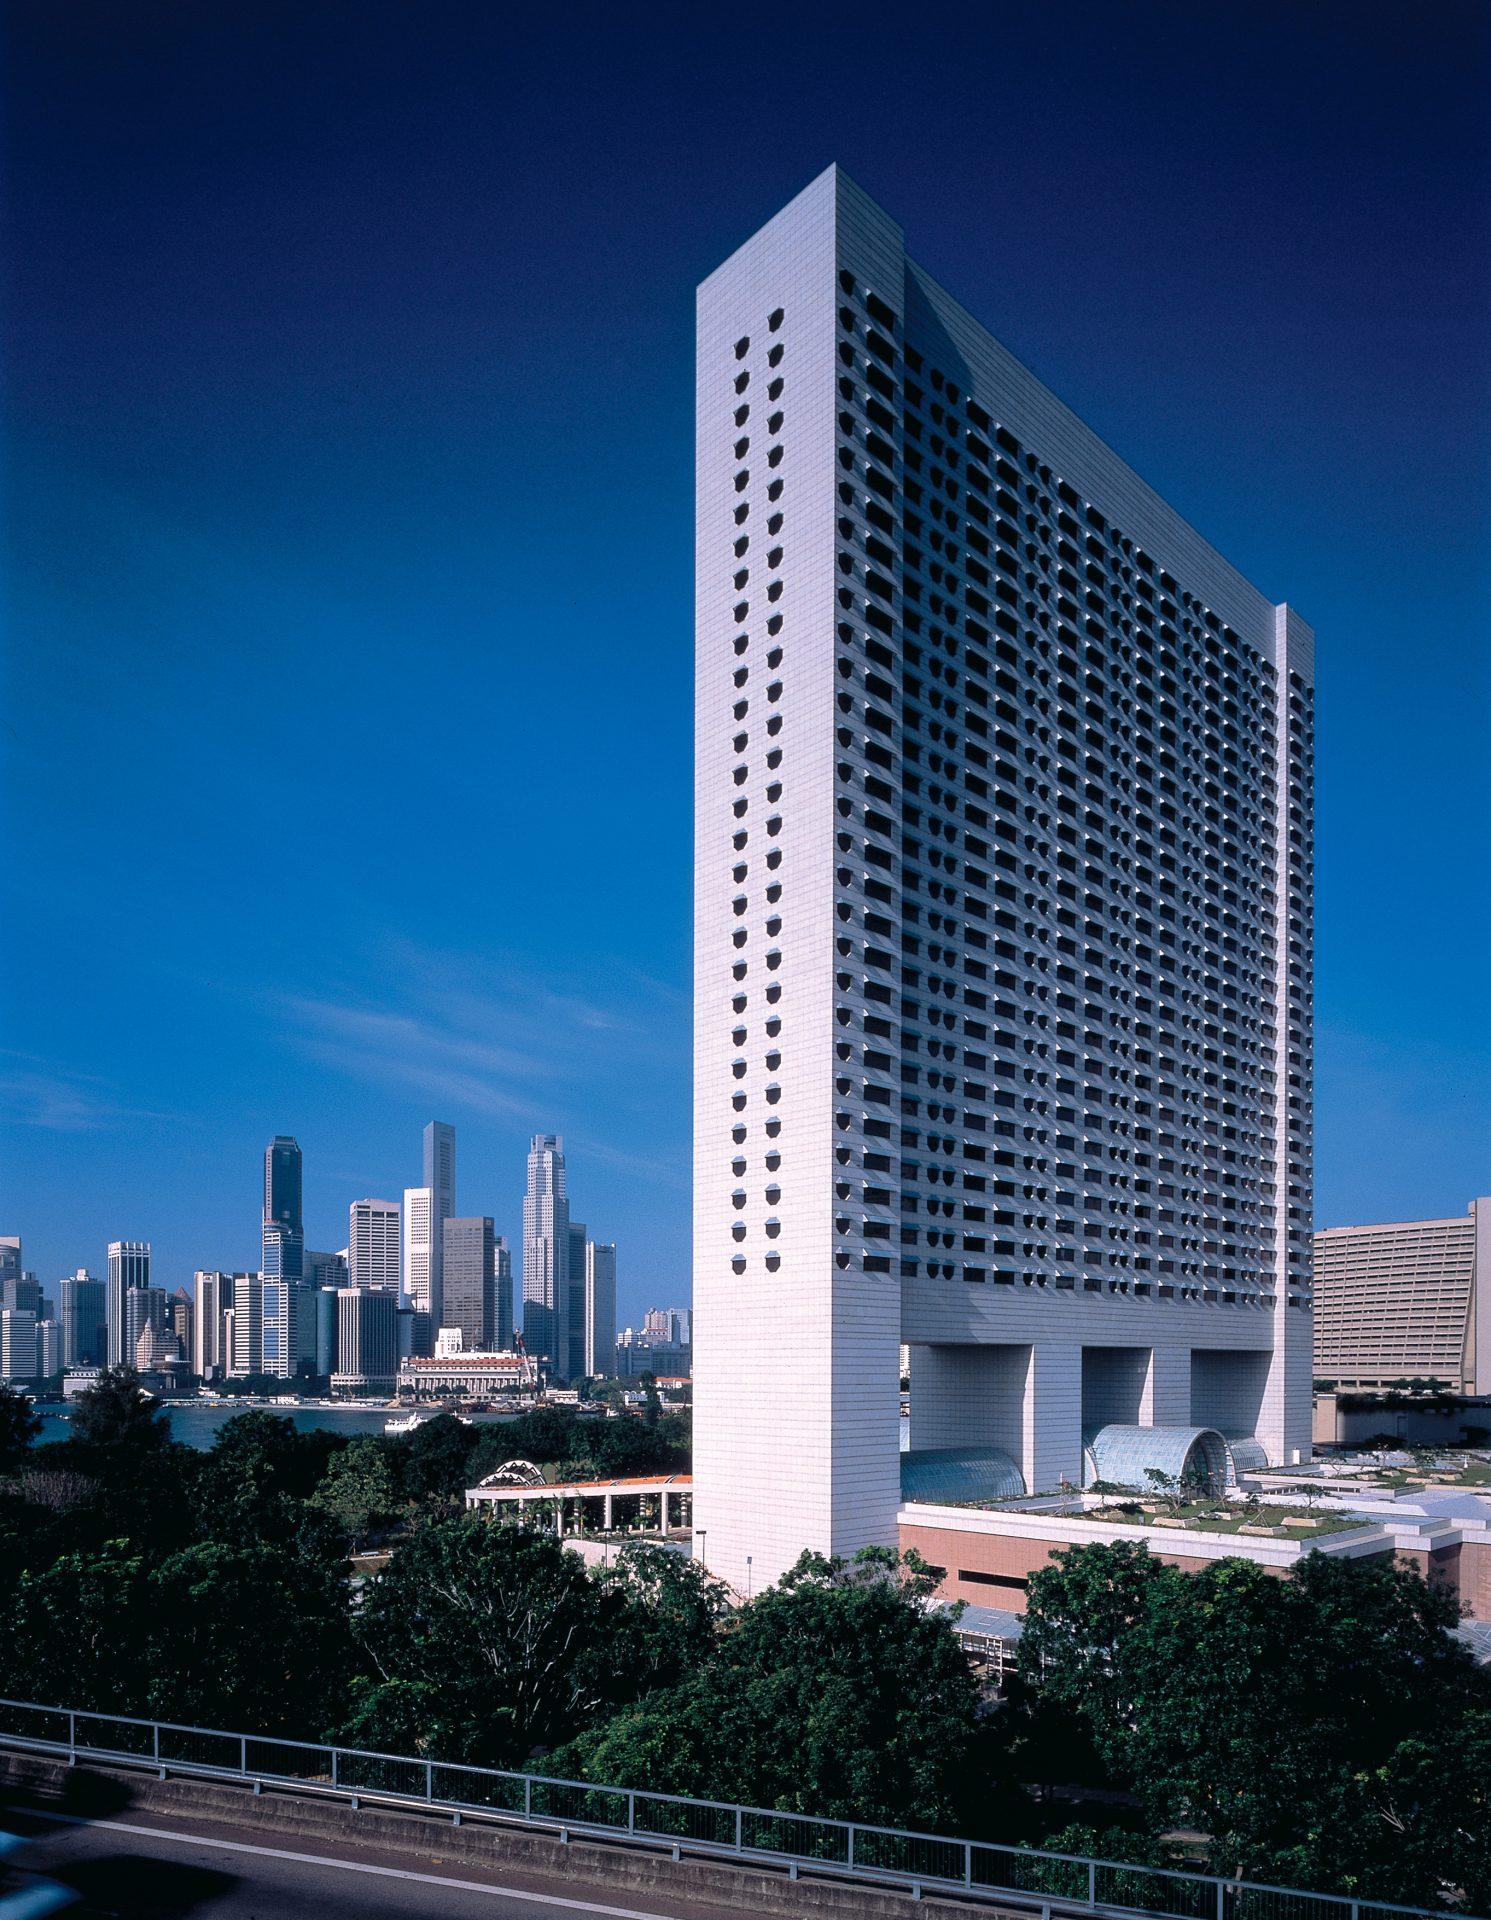 5 star hotels in Singapore - The Ritz-Carlton - Newgen Luxury